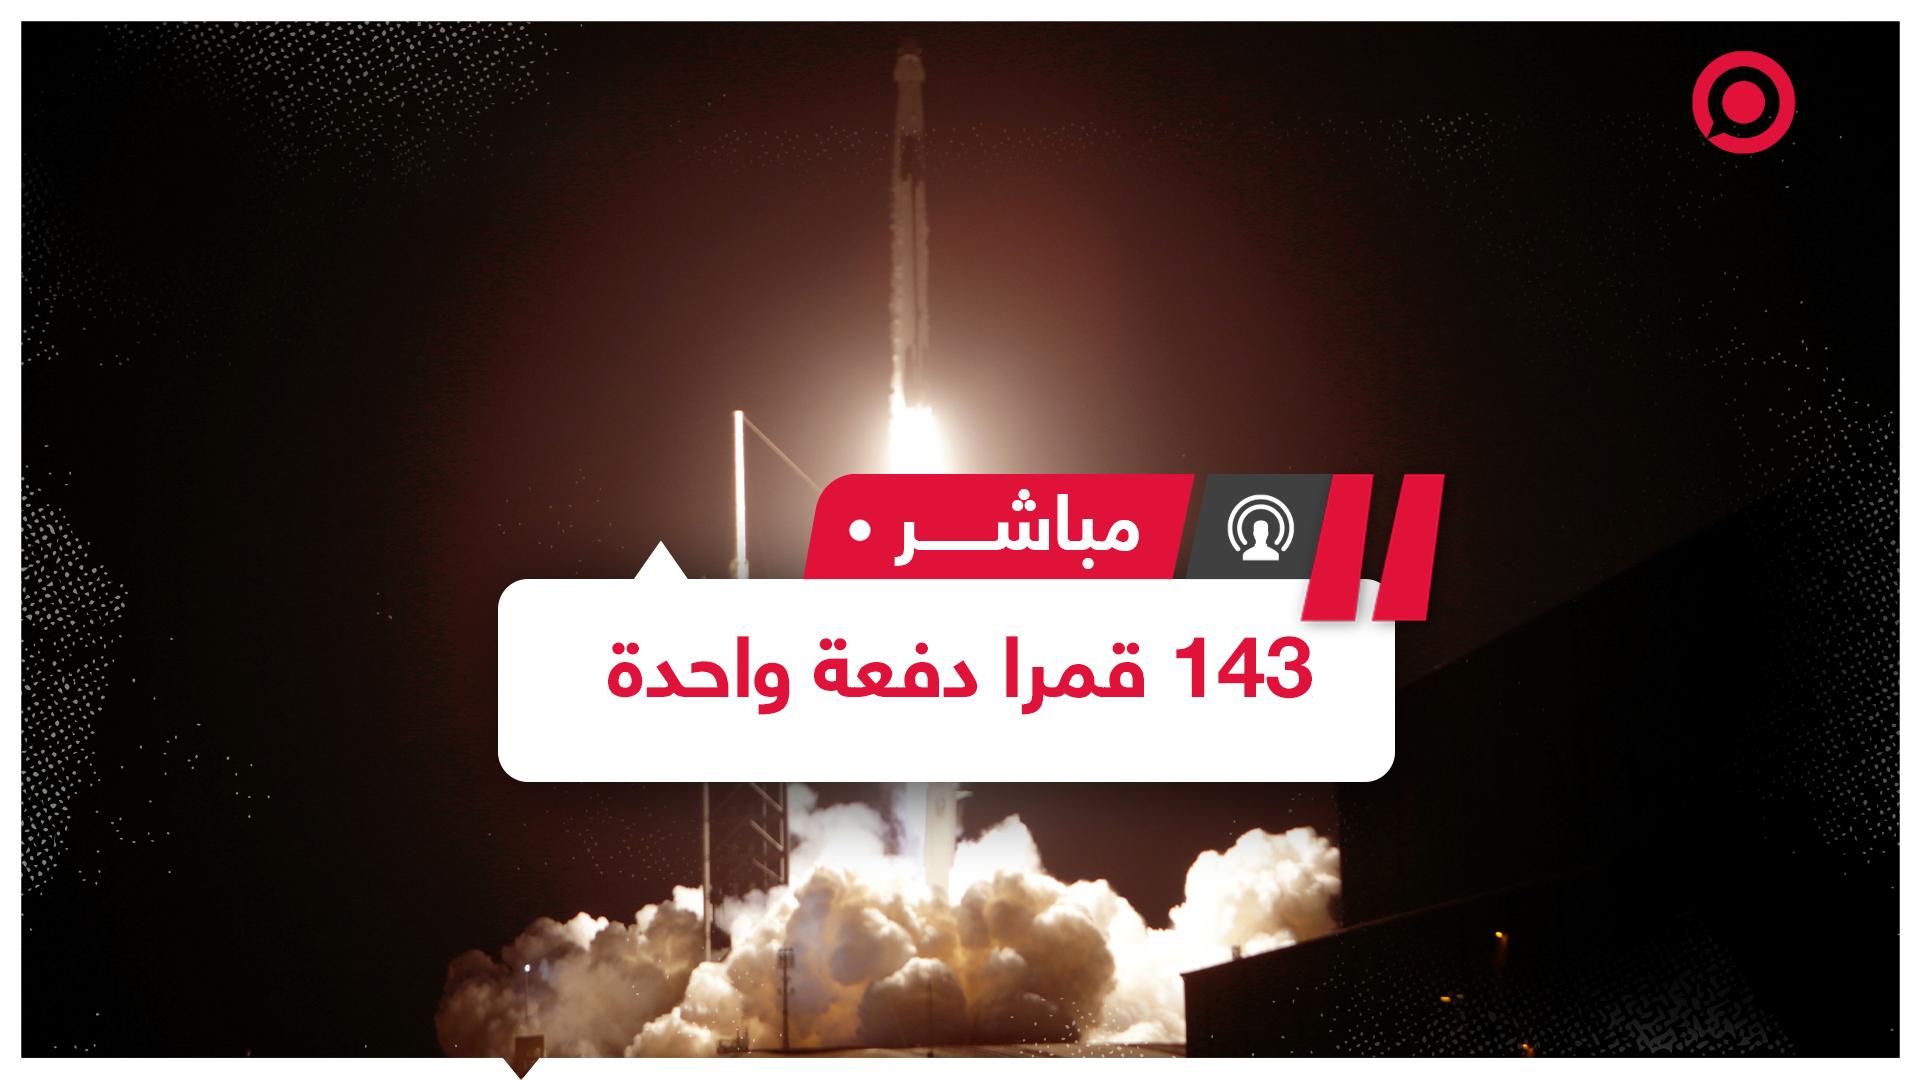 سبيس إكس تطلق 143 قمرا صناعيا على متن صاروخ واحد في إنجاز تاريخي